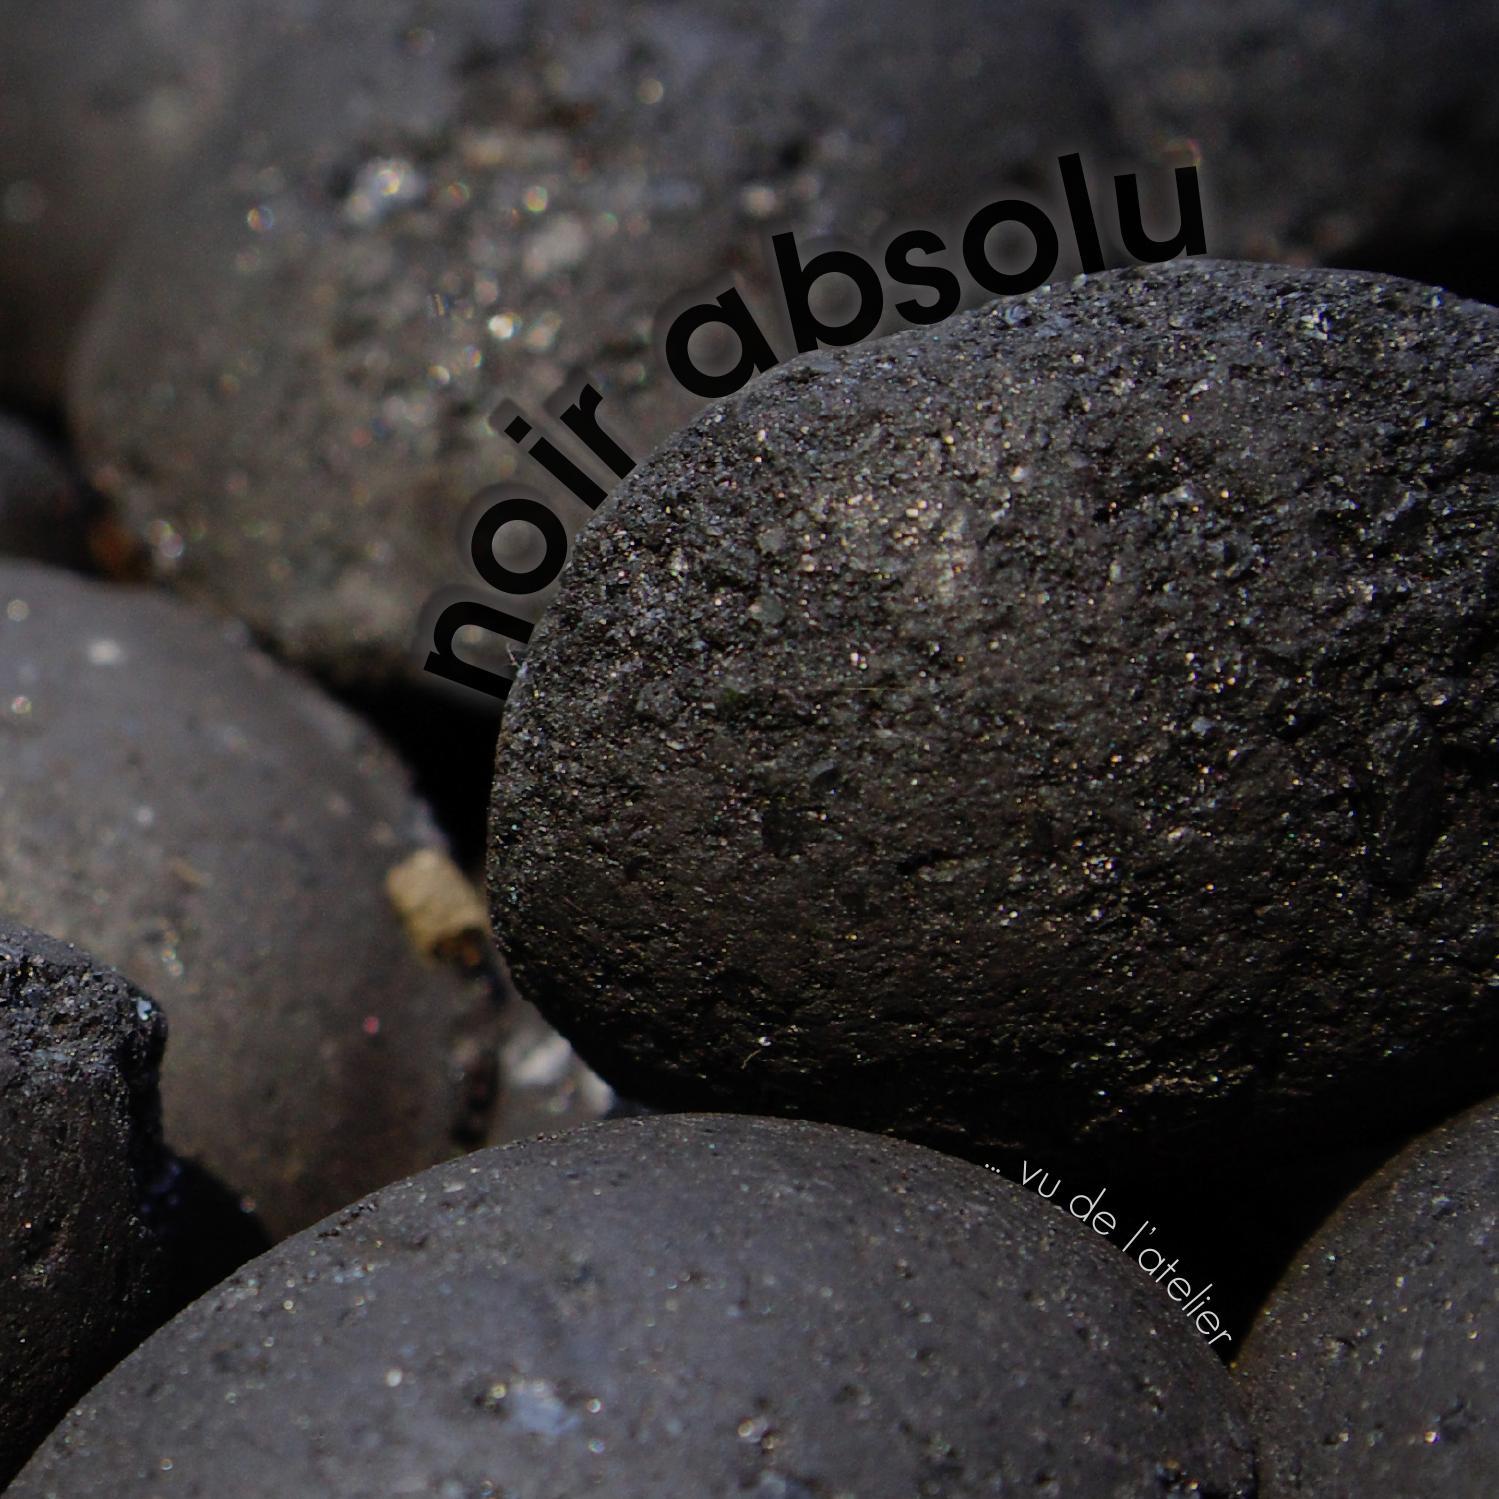 32 noir charbon la couleur de l 39 absolu by a3dc atelier 3d couleur issuu. Black Bedroom Furniture Sets. Home Design Ideas